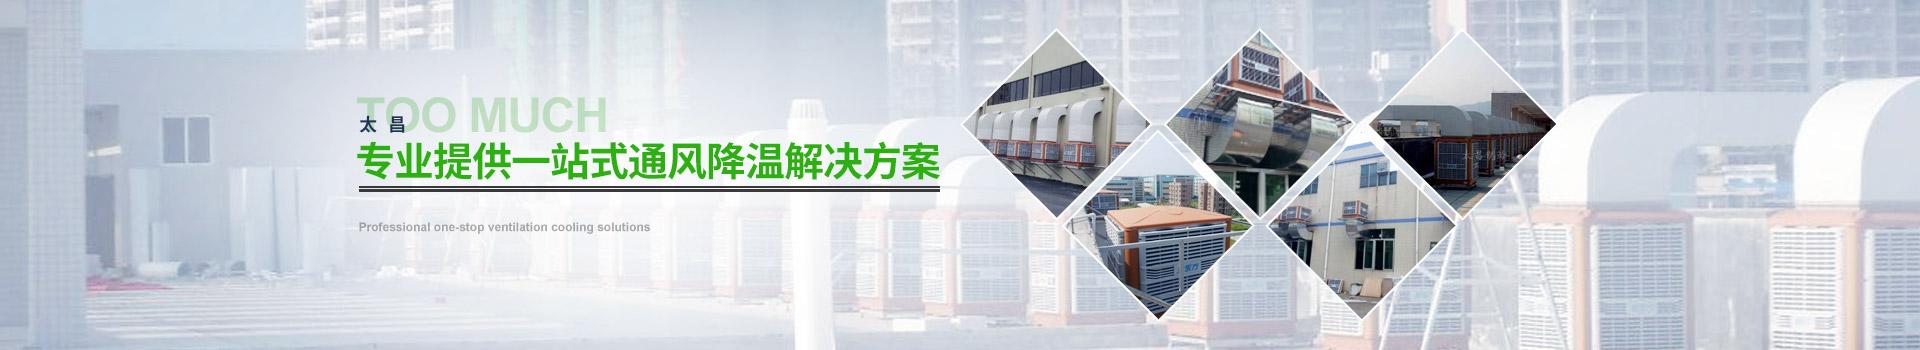 太昌——专业提供一站式通风降温解决方案